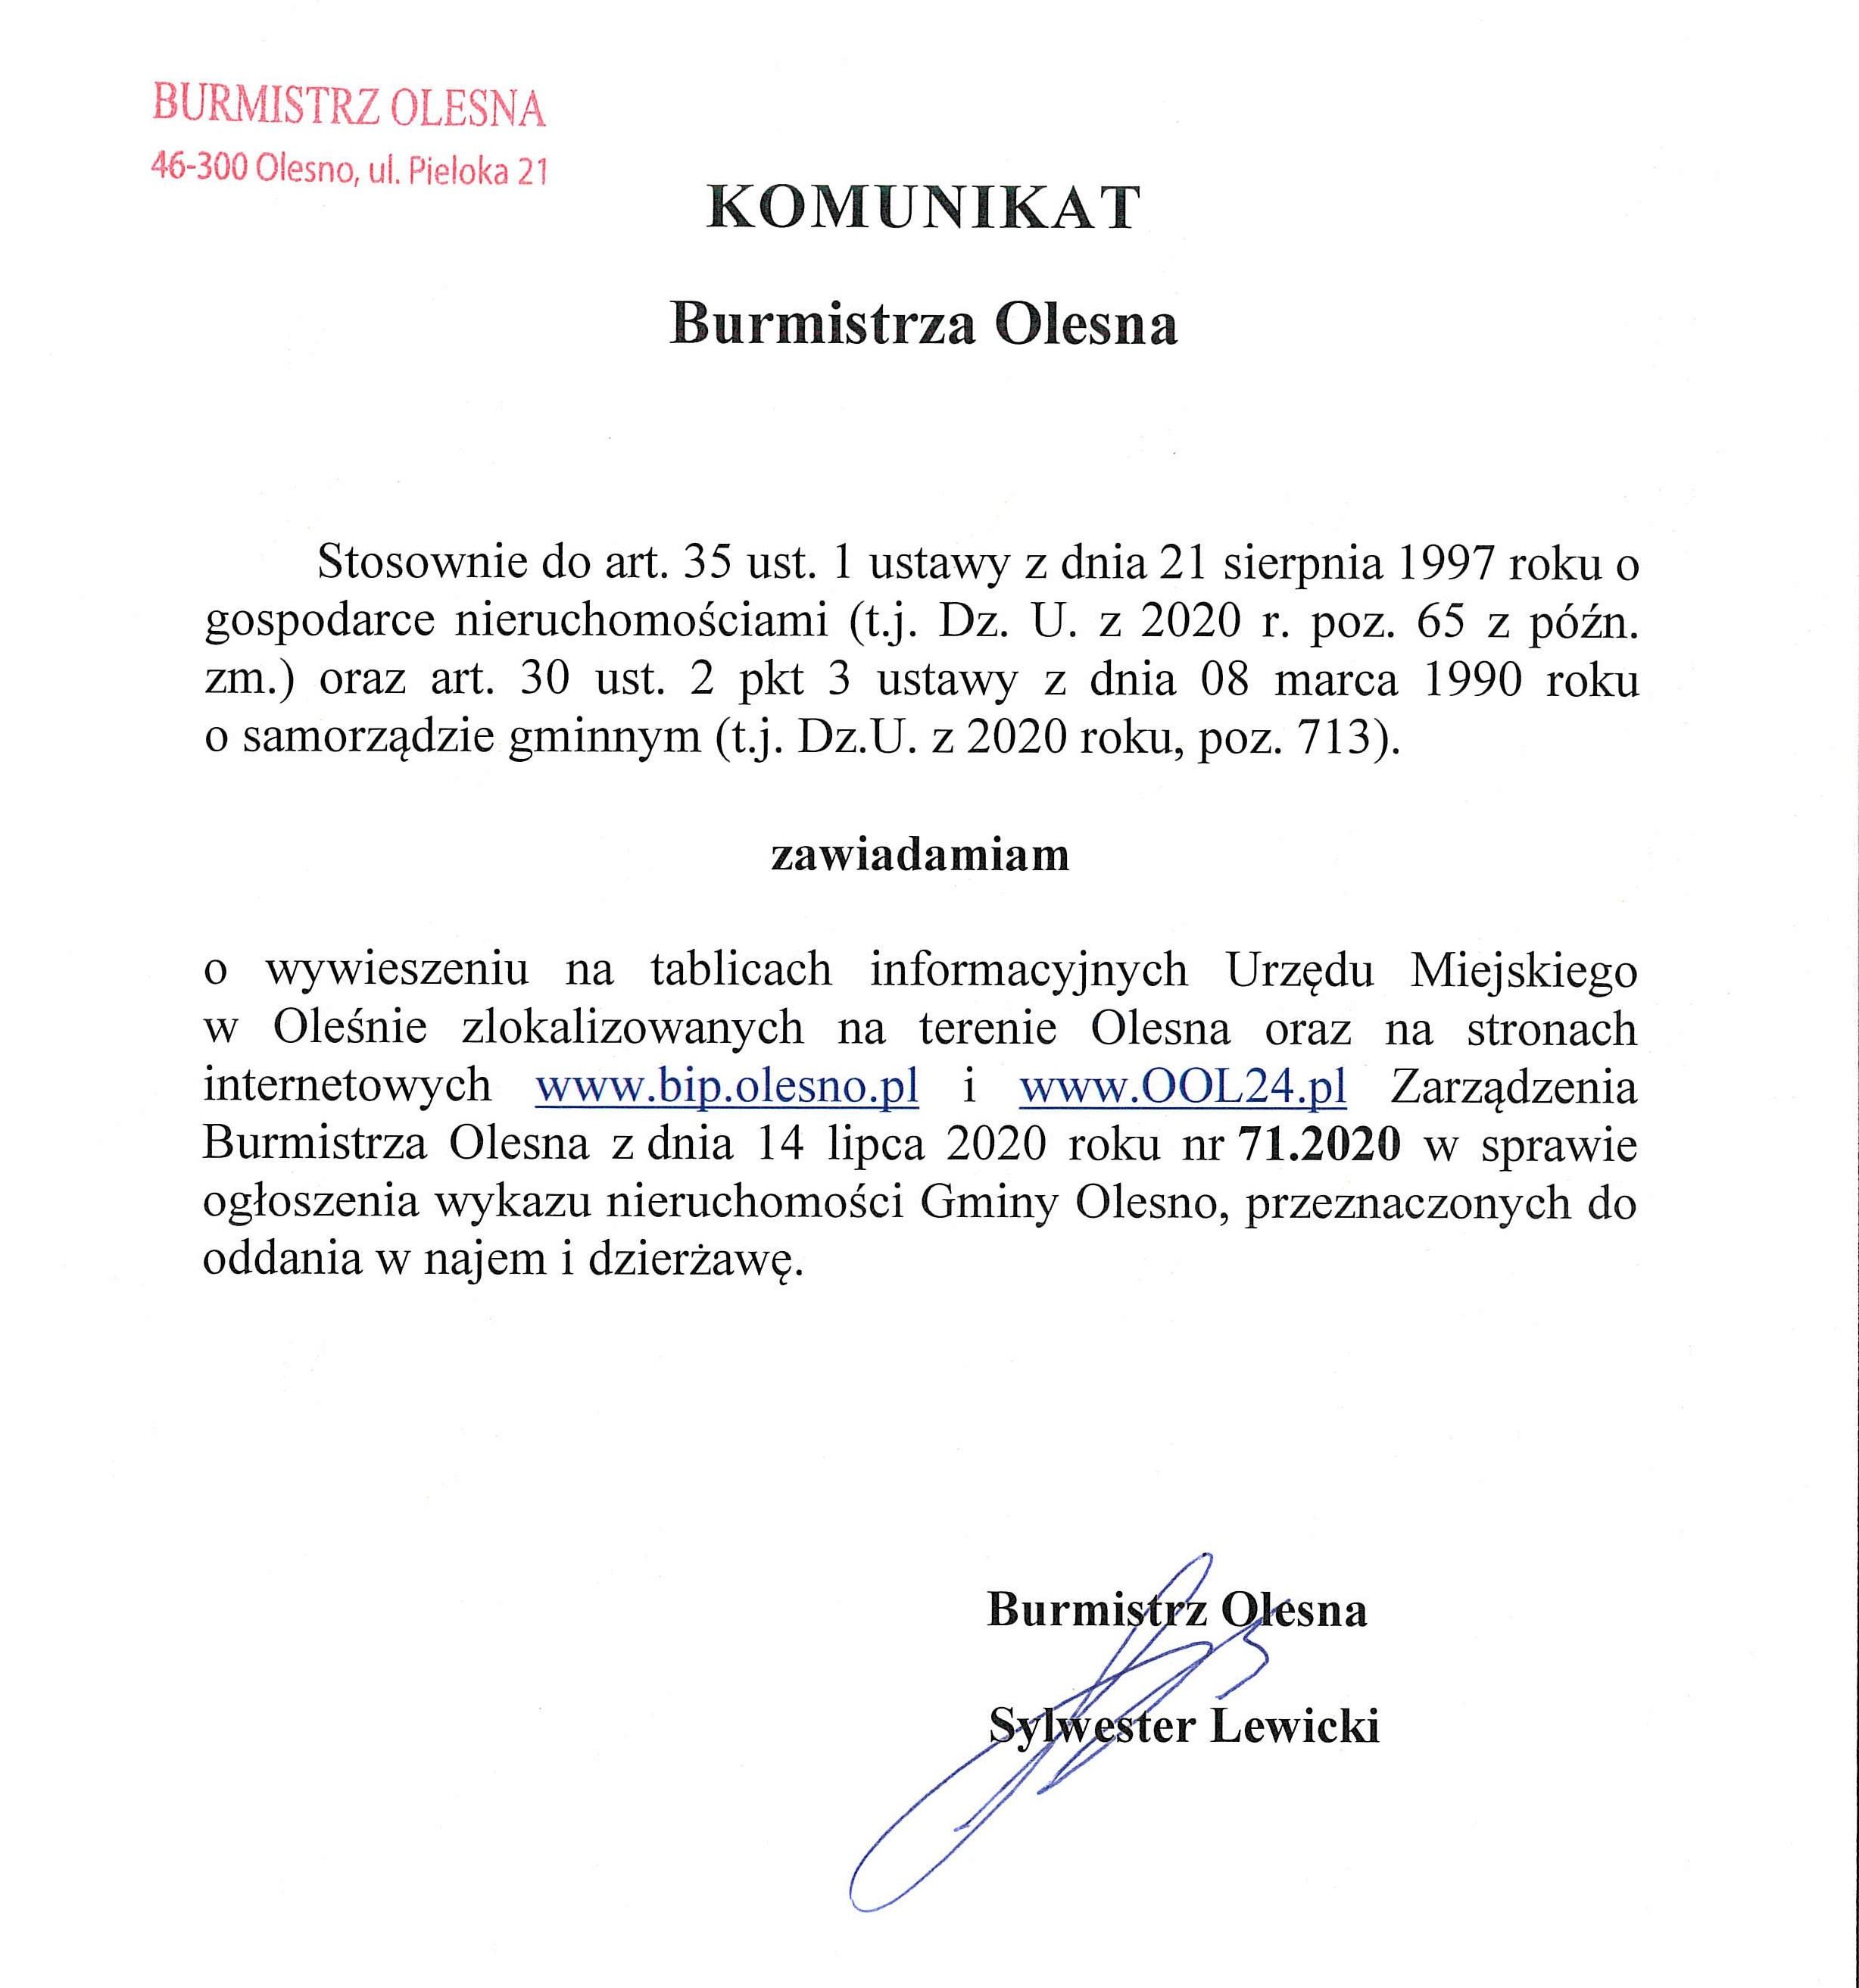 komunikat-burmistrza-olesna-zarzadenie-nr-71-2020-wykaz